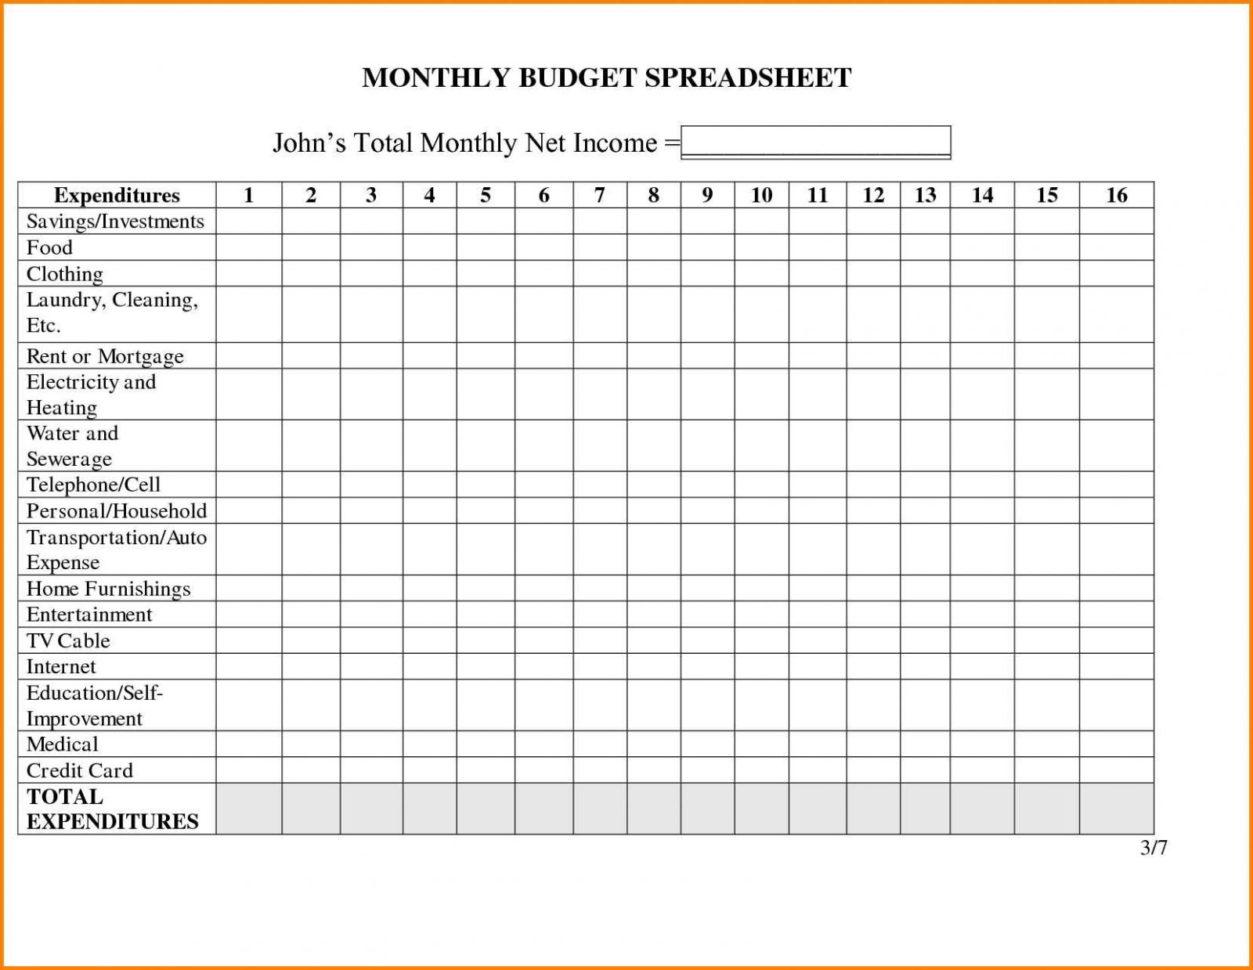 Rental Property Tracker Spreadsheet Inside Expense Tracker Spreadsheet Lovely Rental Property Expenses